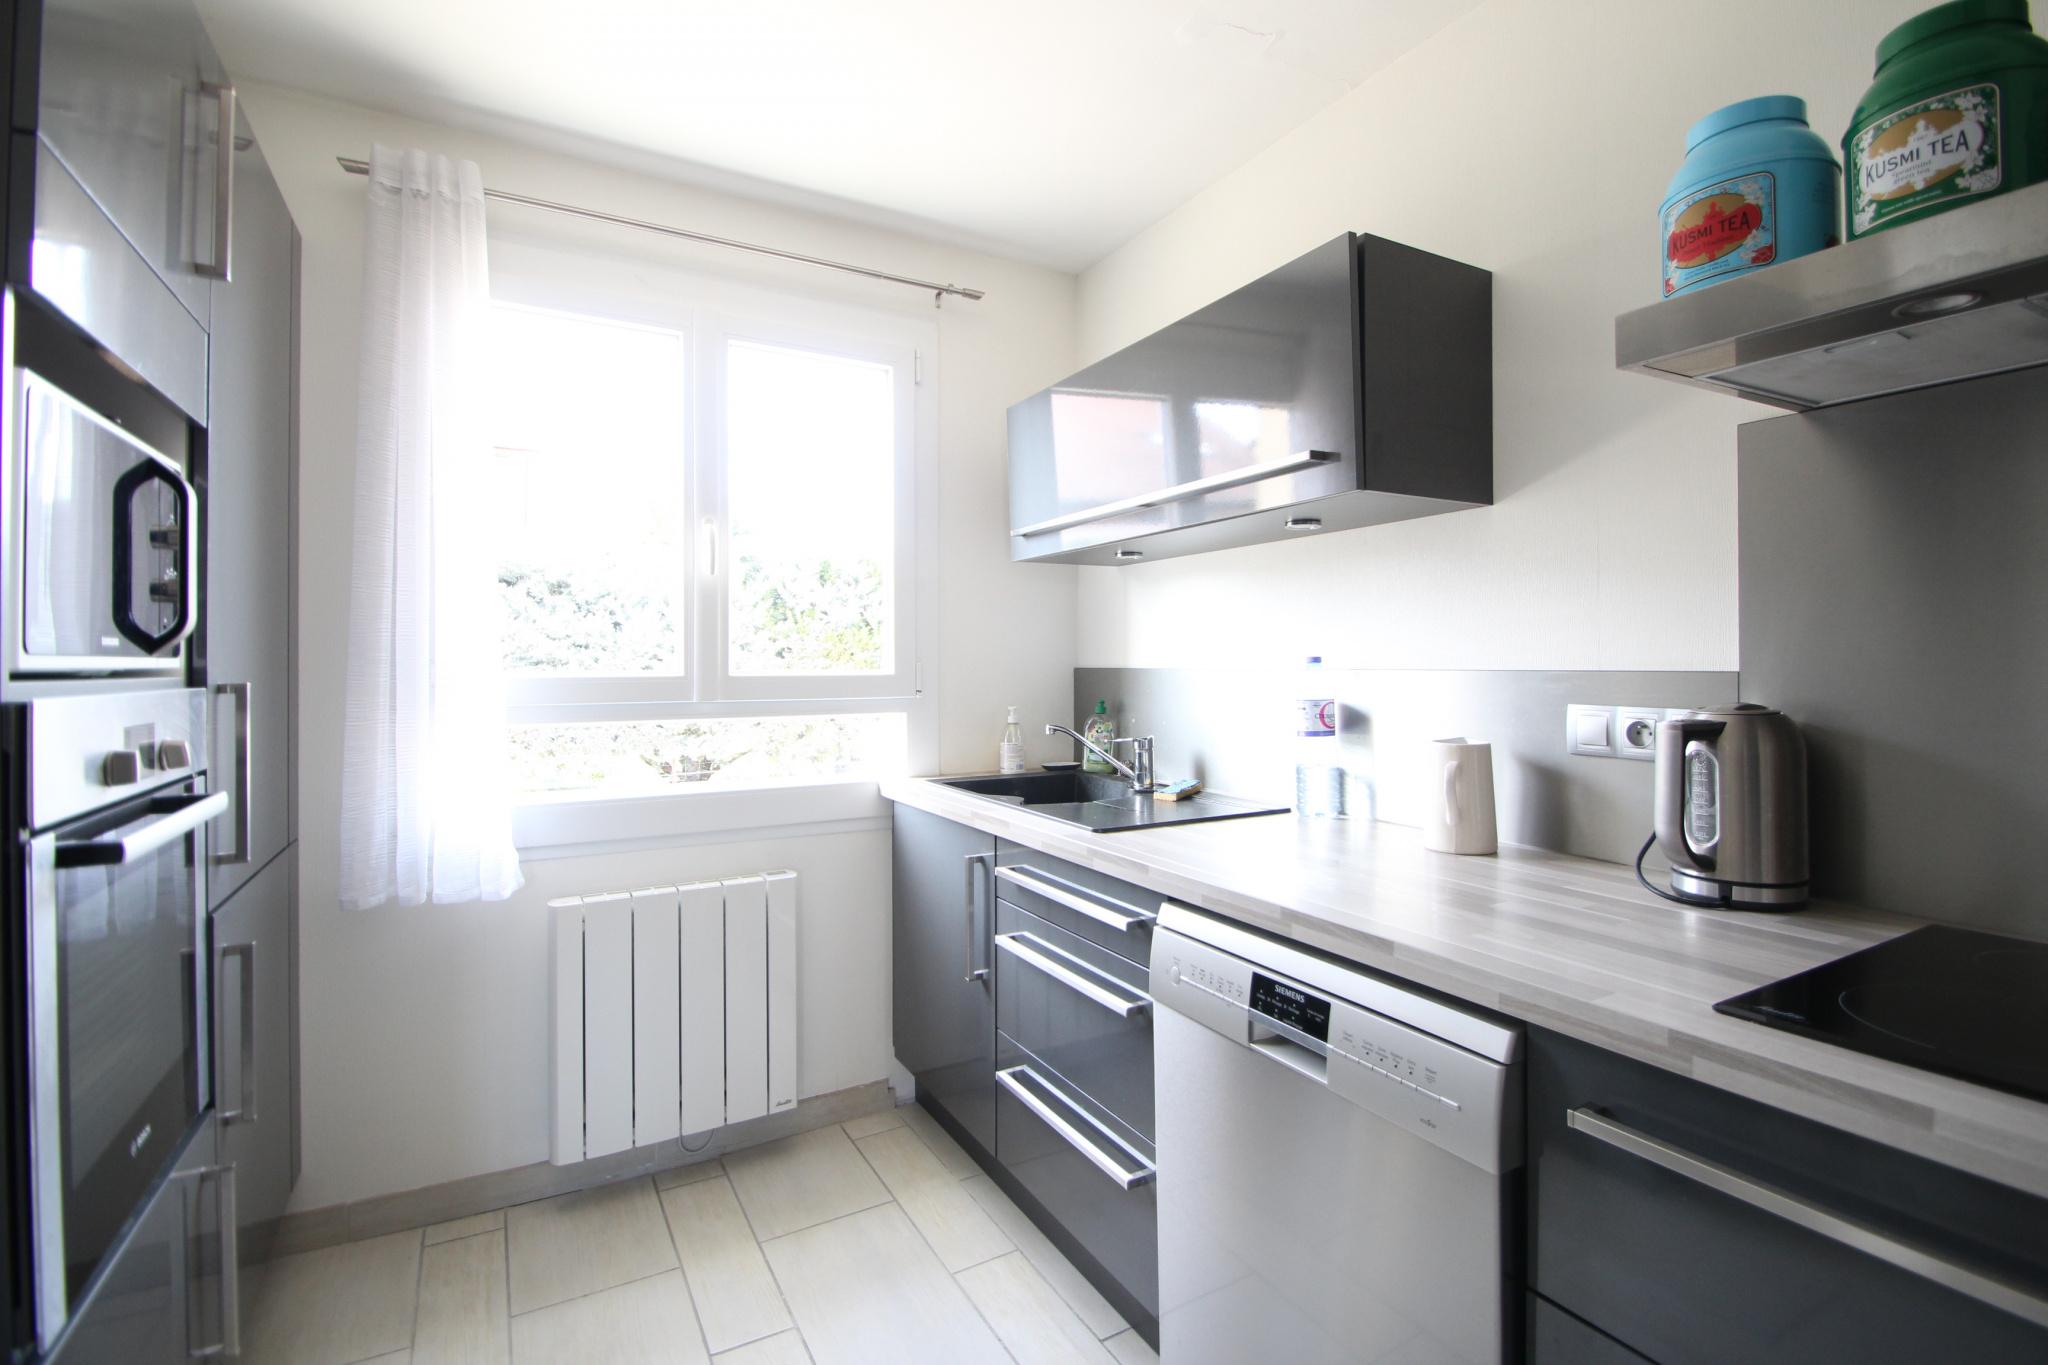 Vente maison/villa tart le haut BUS